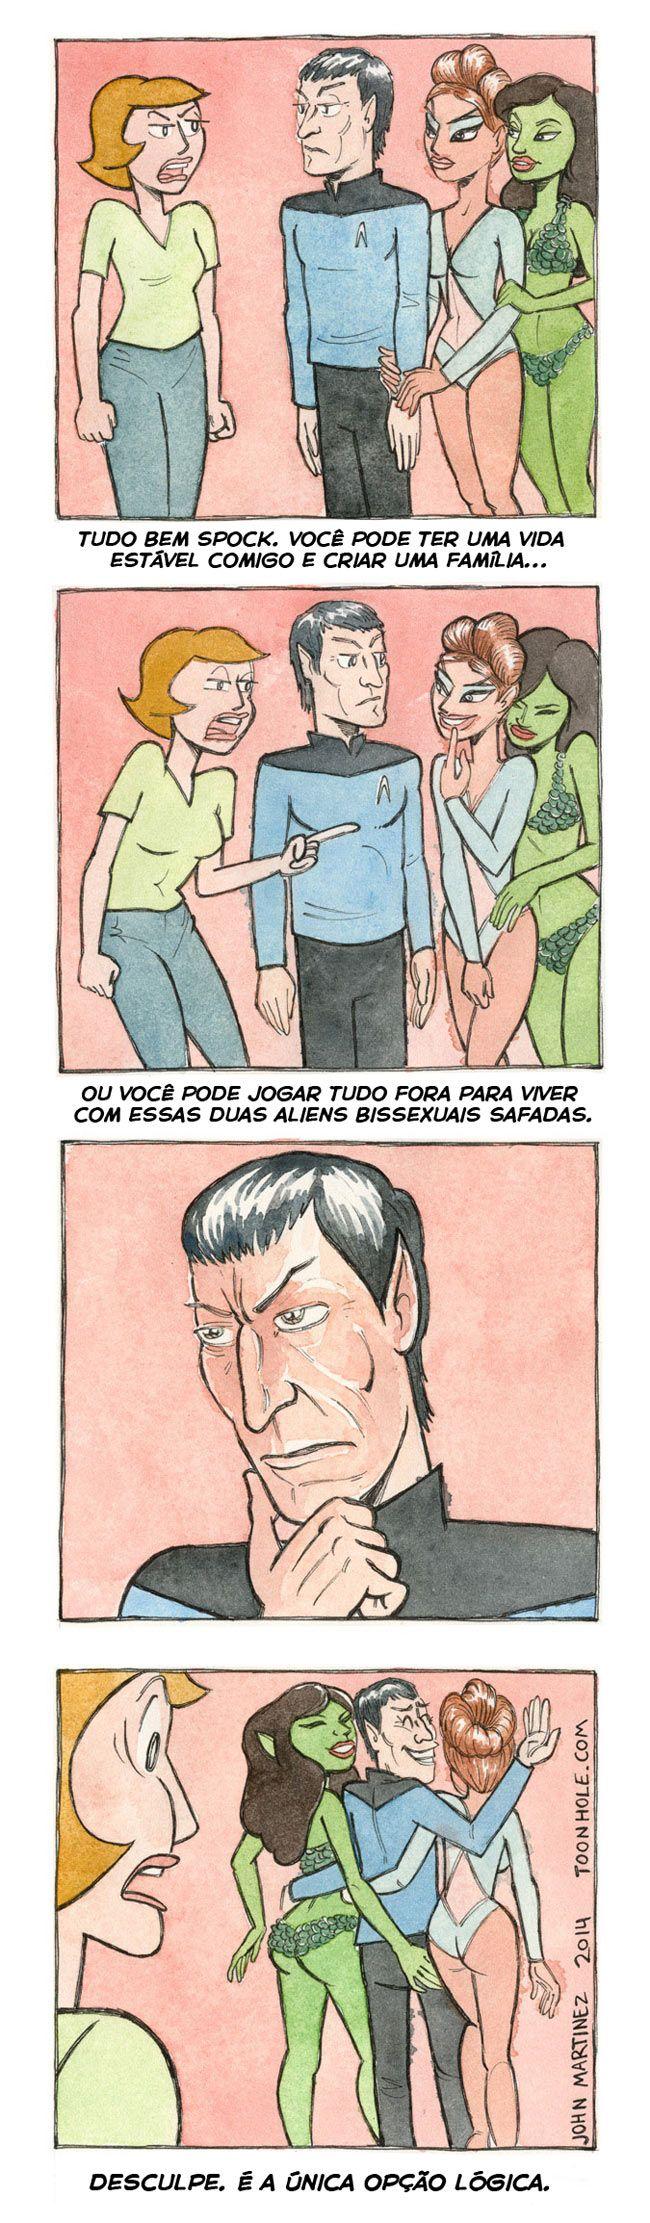 Satirinhas - Quadrinhos, tirinhas, curiosidades e muito mais! - Part 7